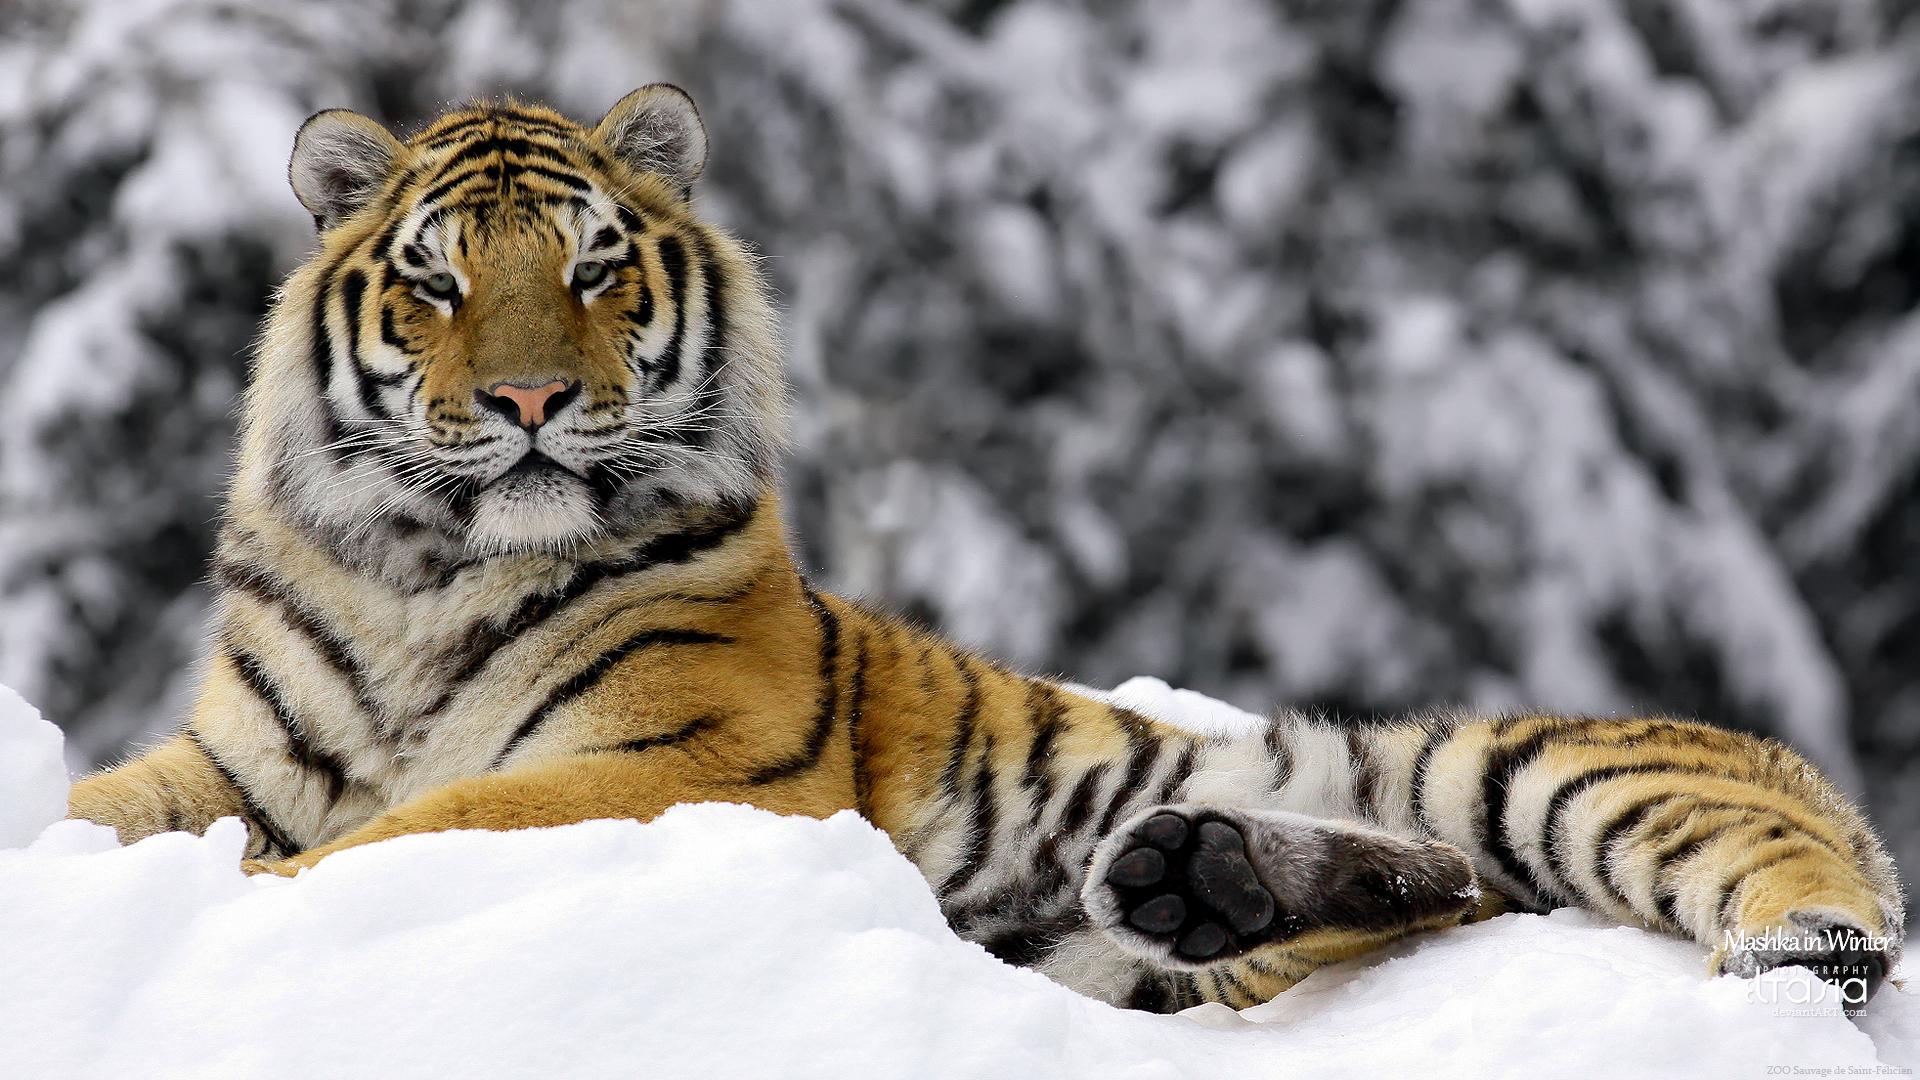 Tiger Wallpaper Hd wallpaper   343155 1920x1080